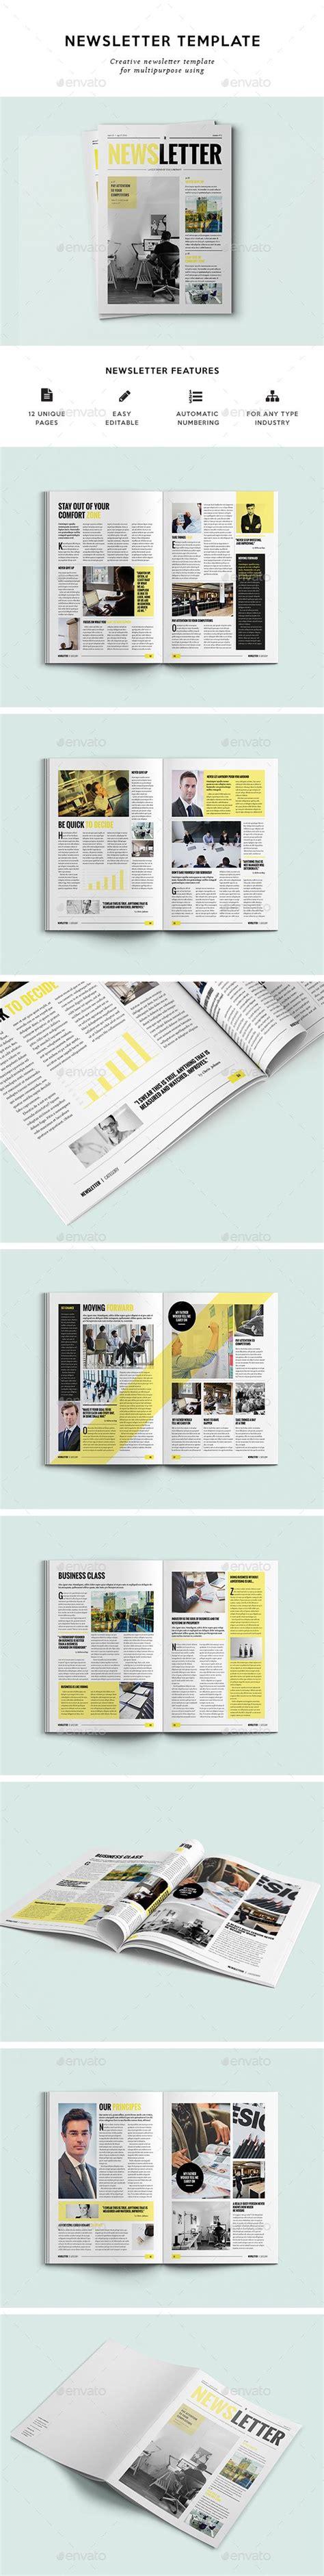 free zeitschriftenlayout die 25 besten ideen zu newsletter layout auf pinterest